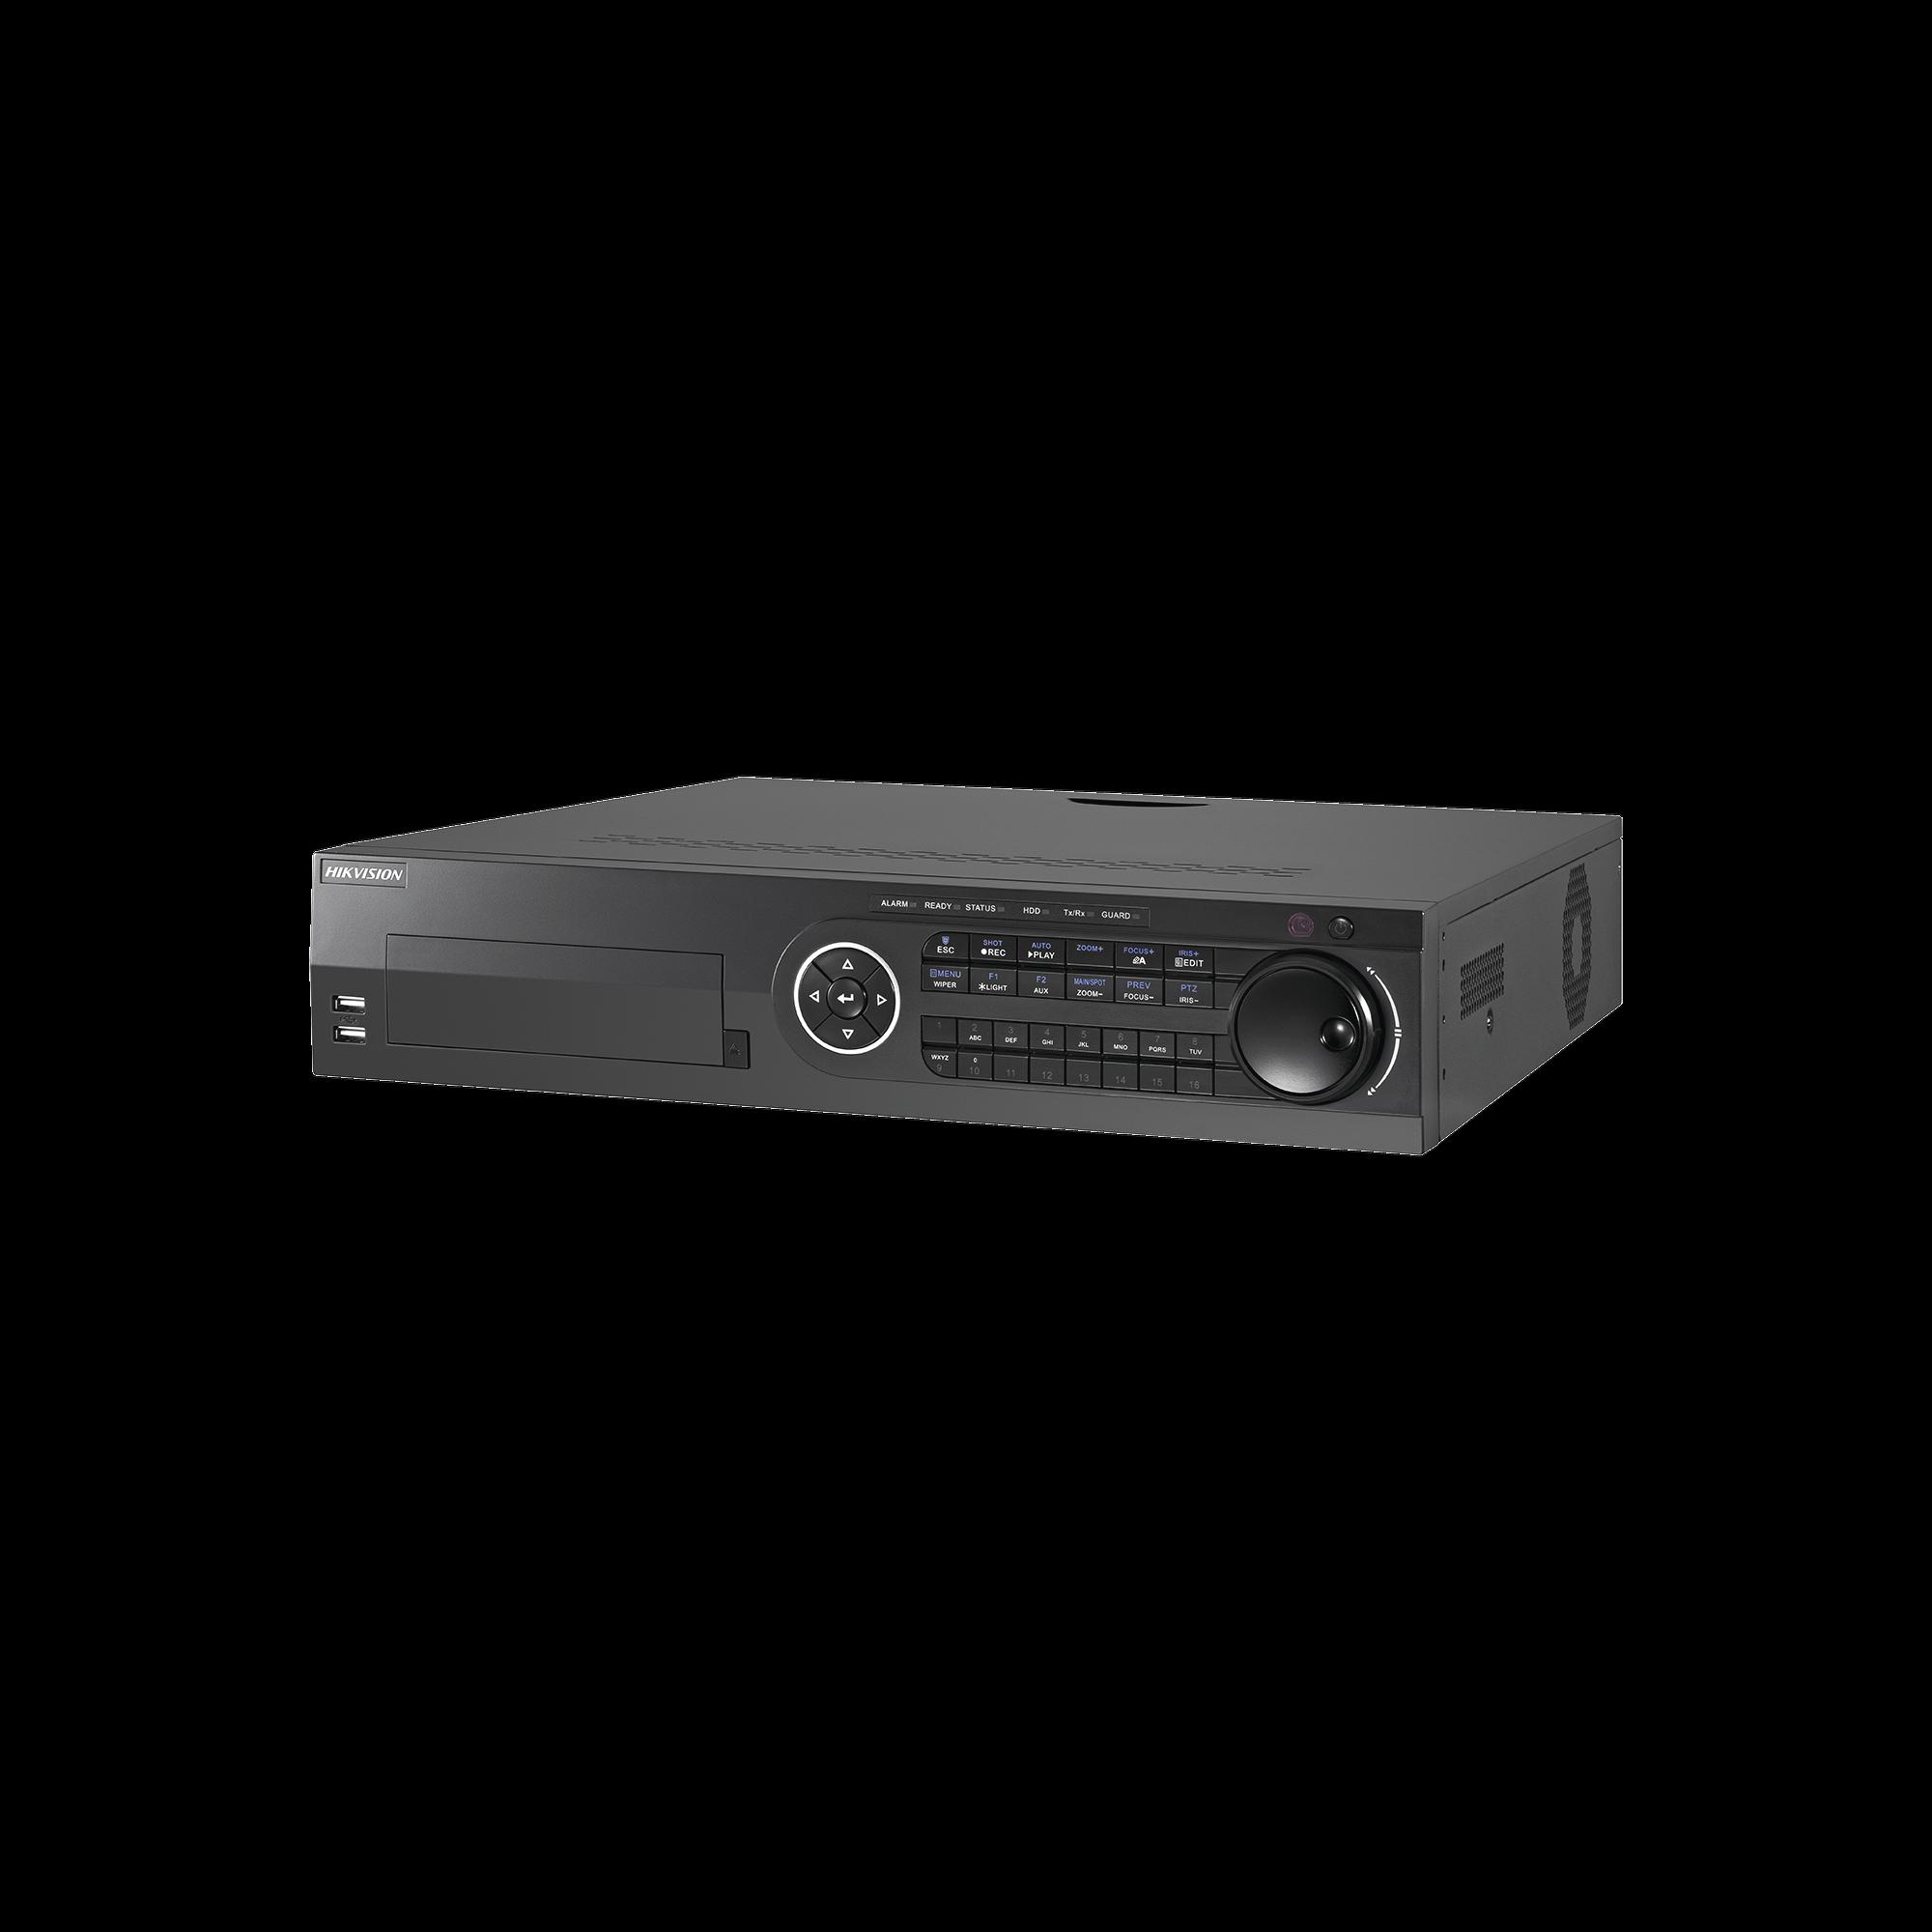 DVR 4 Megapixel / 16 Canales TURBOHD + 8 Canales IP / 8 Bahías de Disco Duro / 16 canales de Audio / 16 Entradas de Alarma